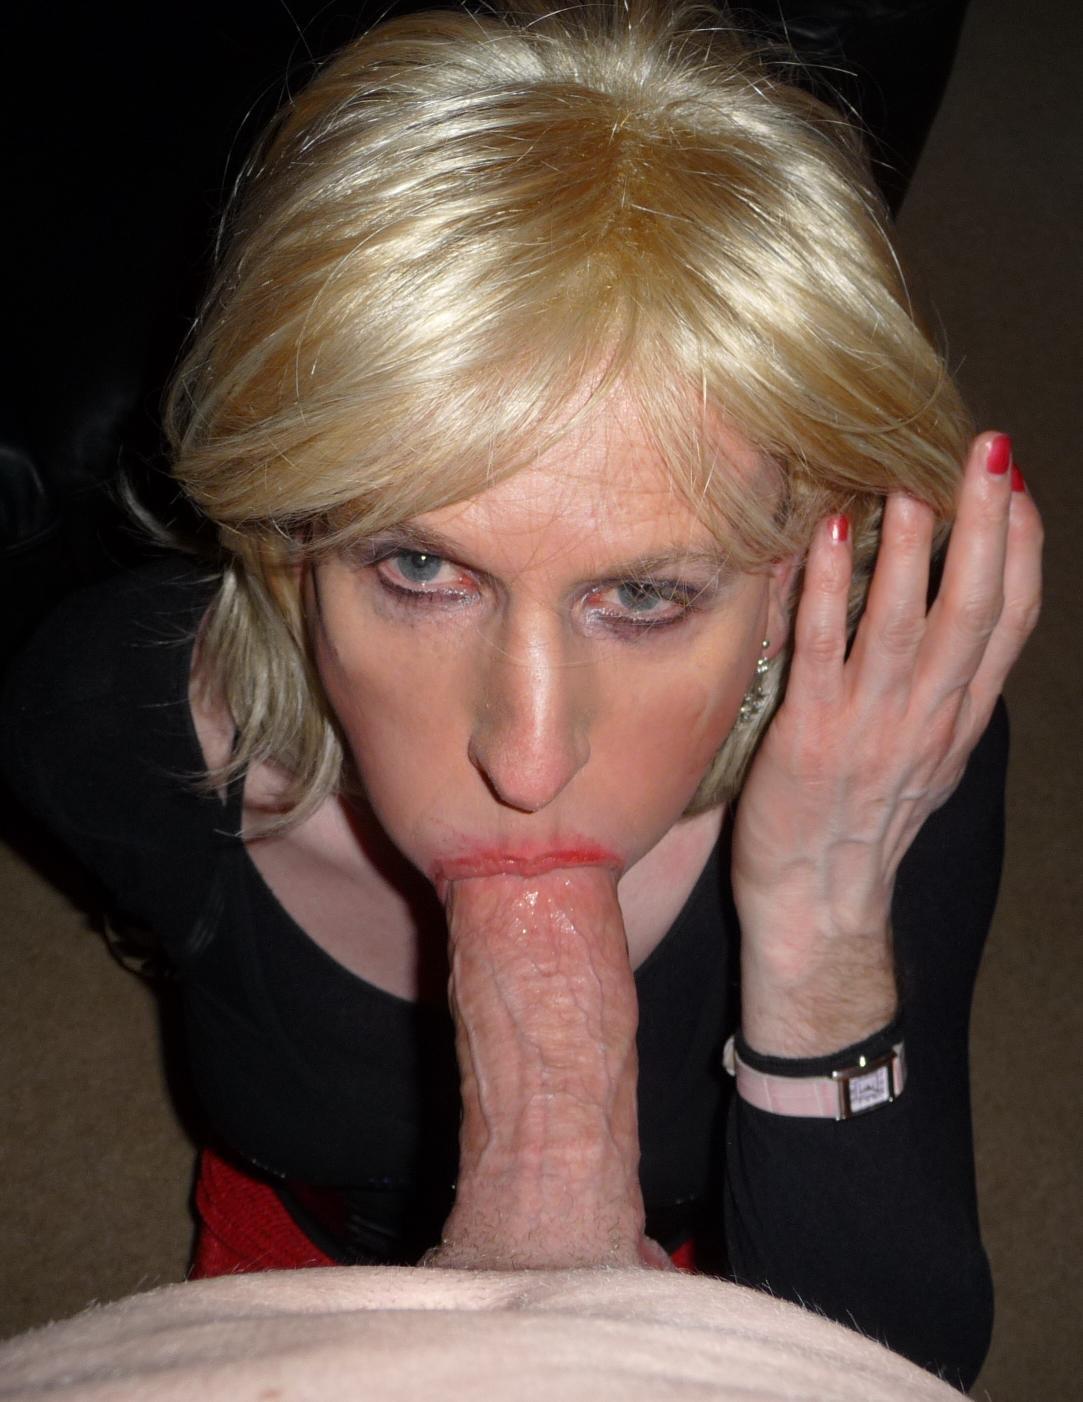 big dildo,gay bondage sites,dating adult